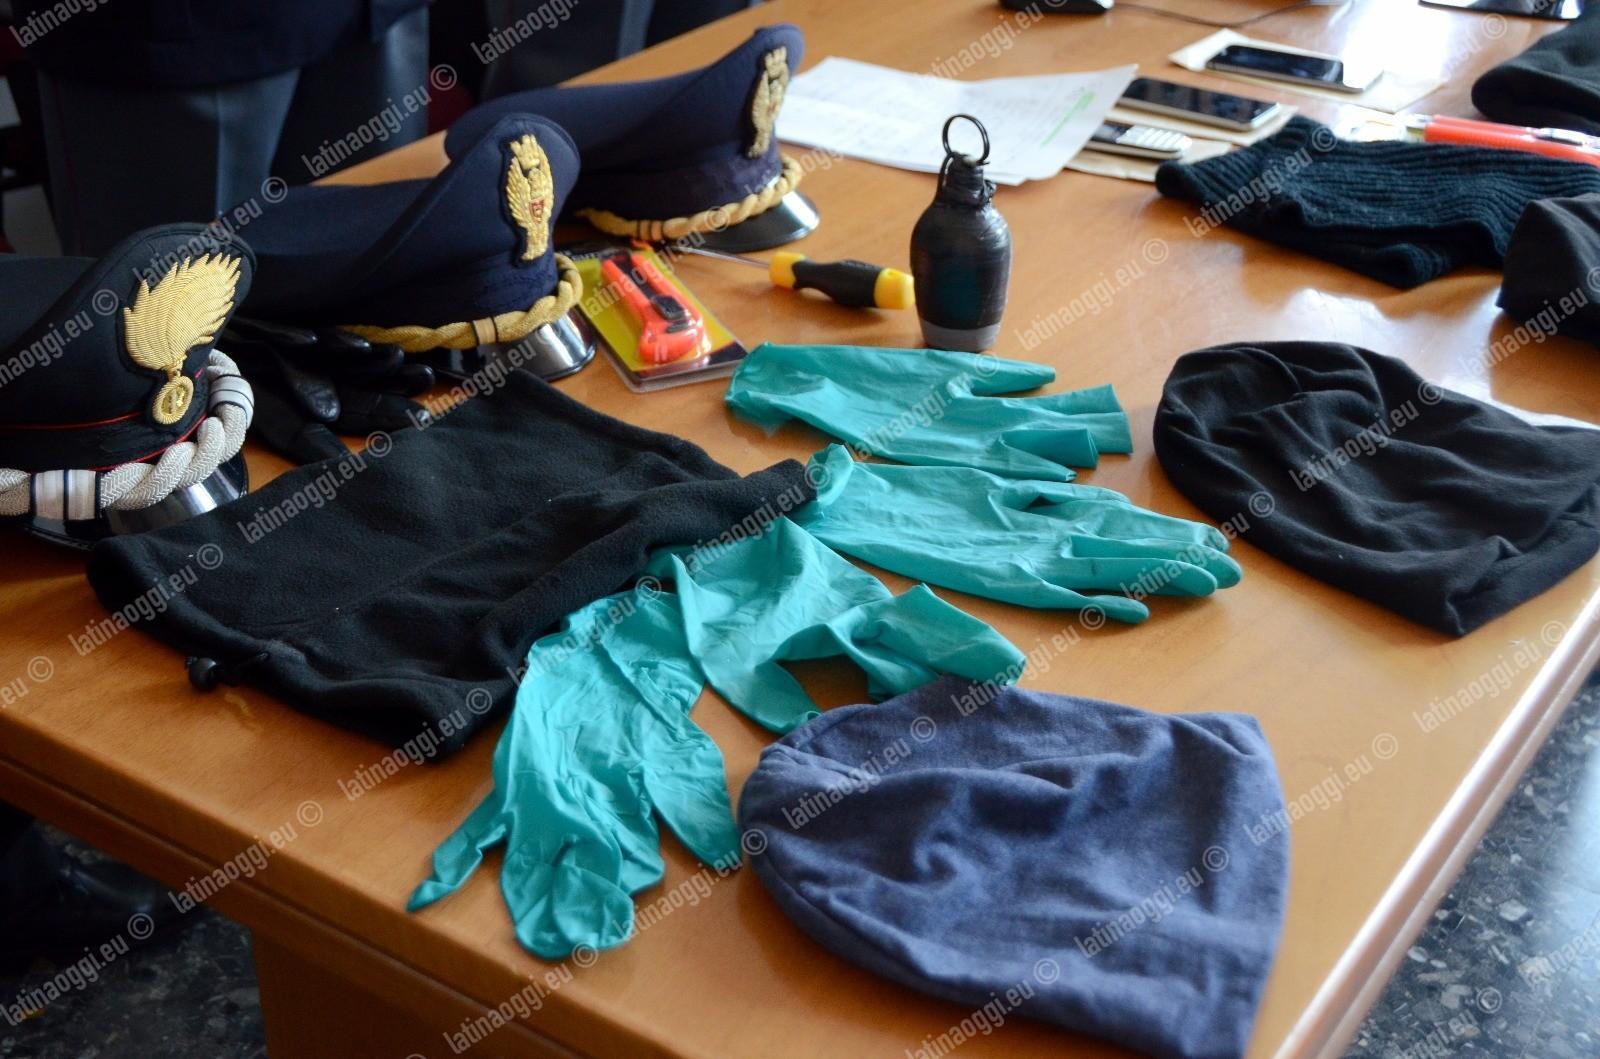 Tentano rapina in banca, arrestati in flagranza da polizia e carabinieri